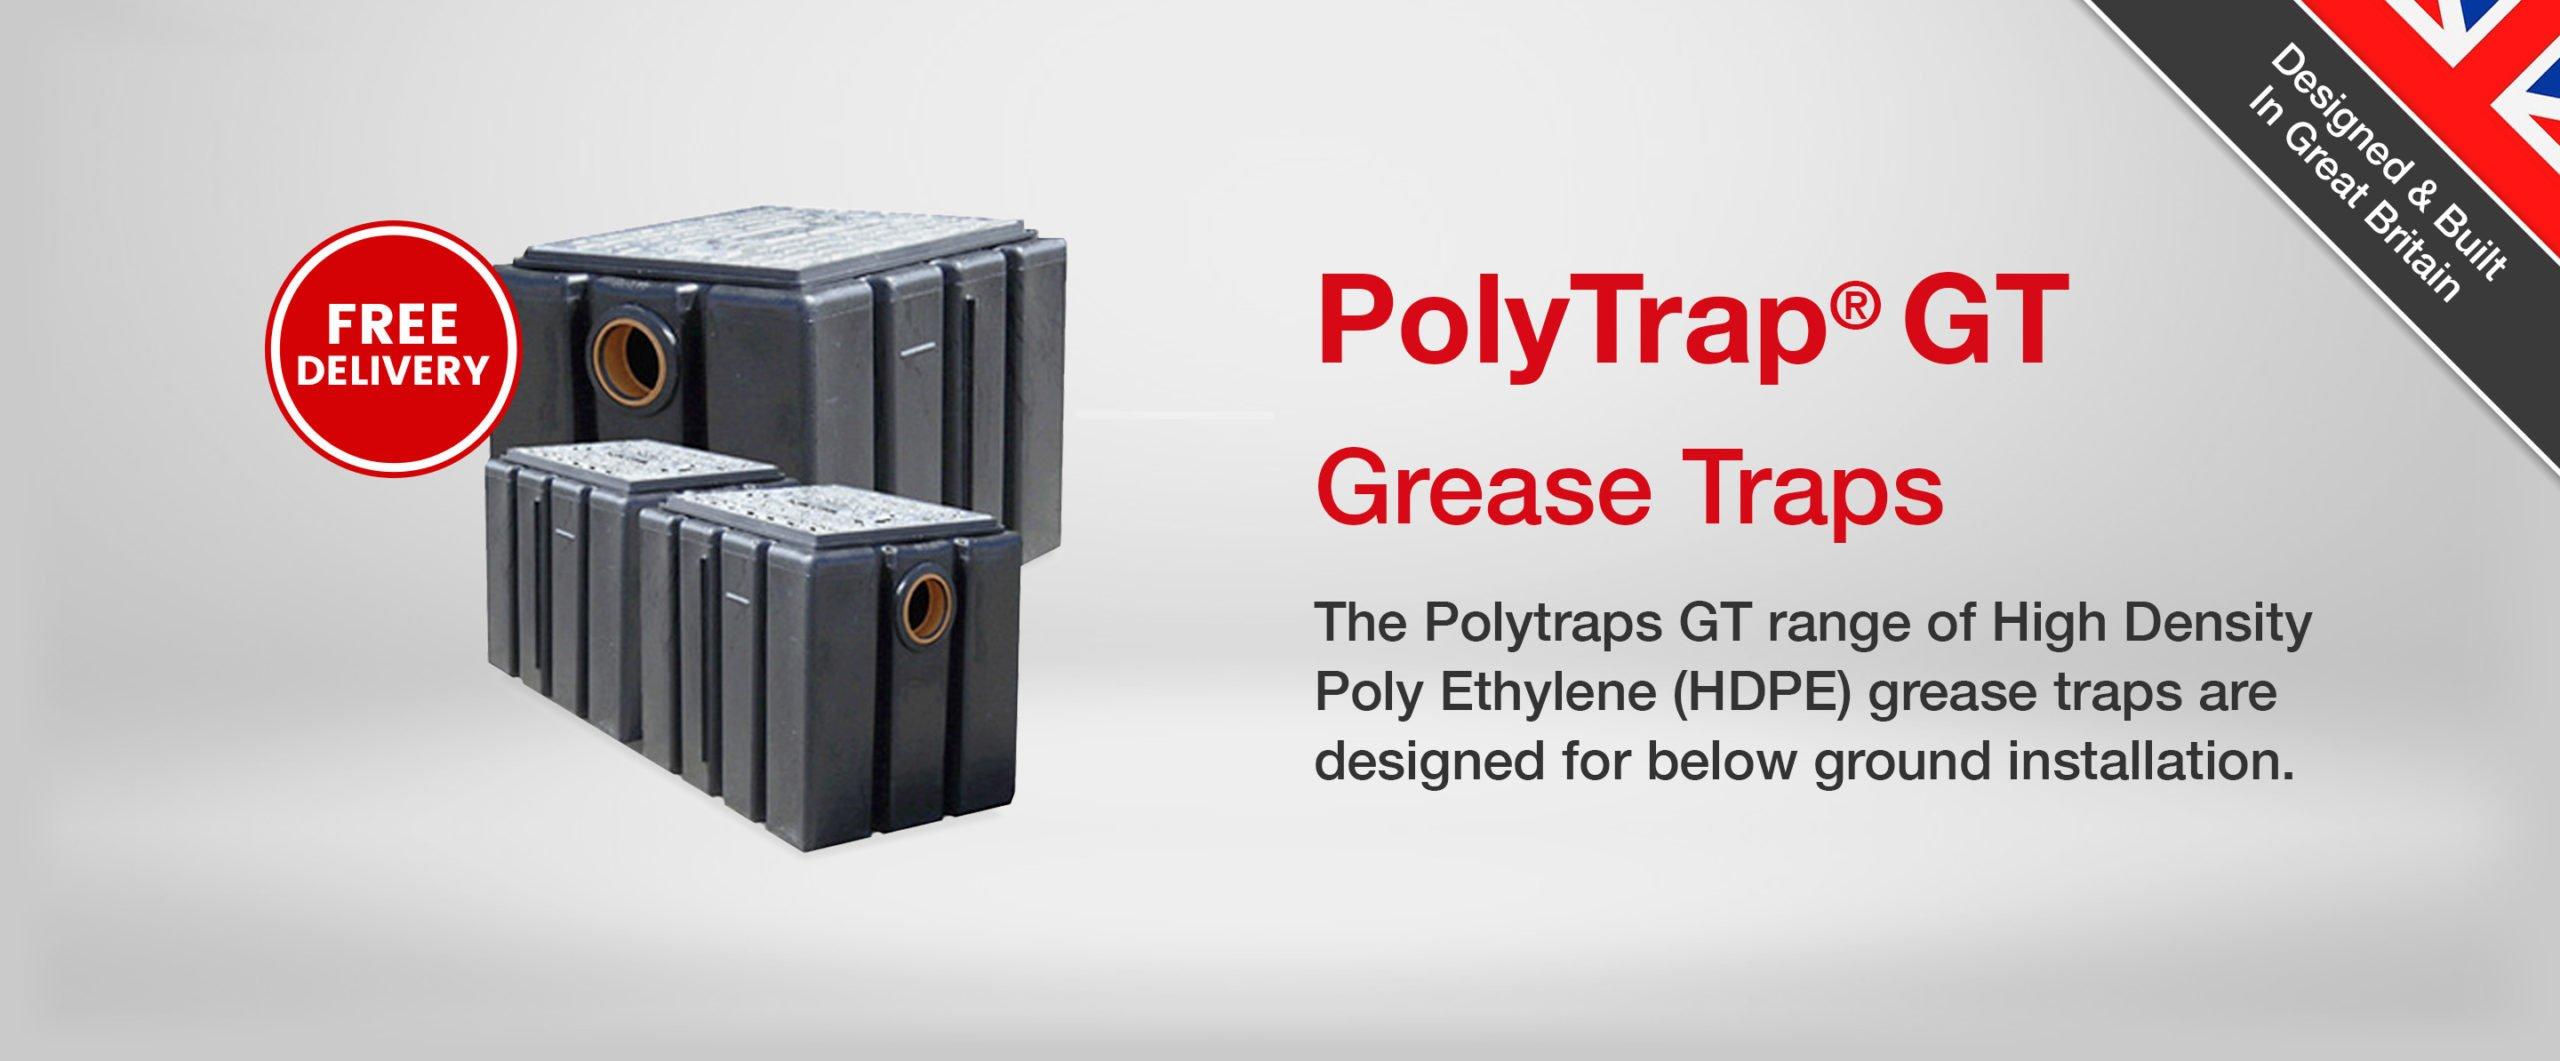 Polytrap-GT